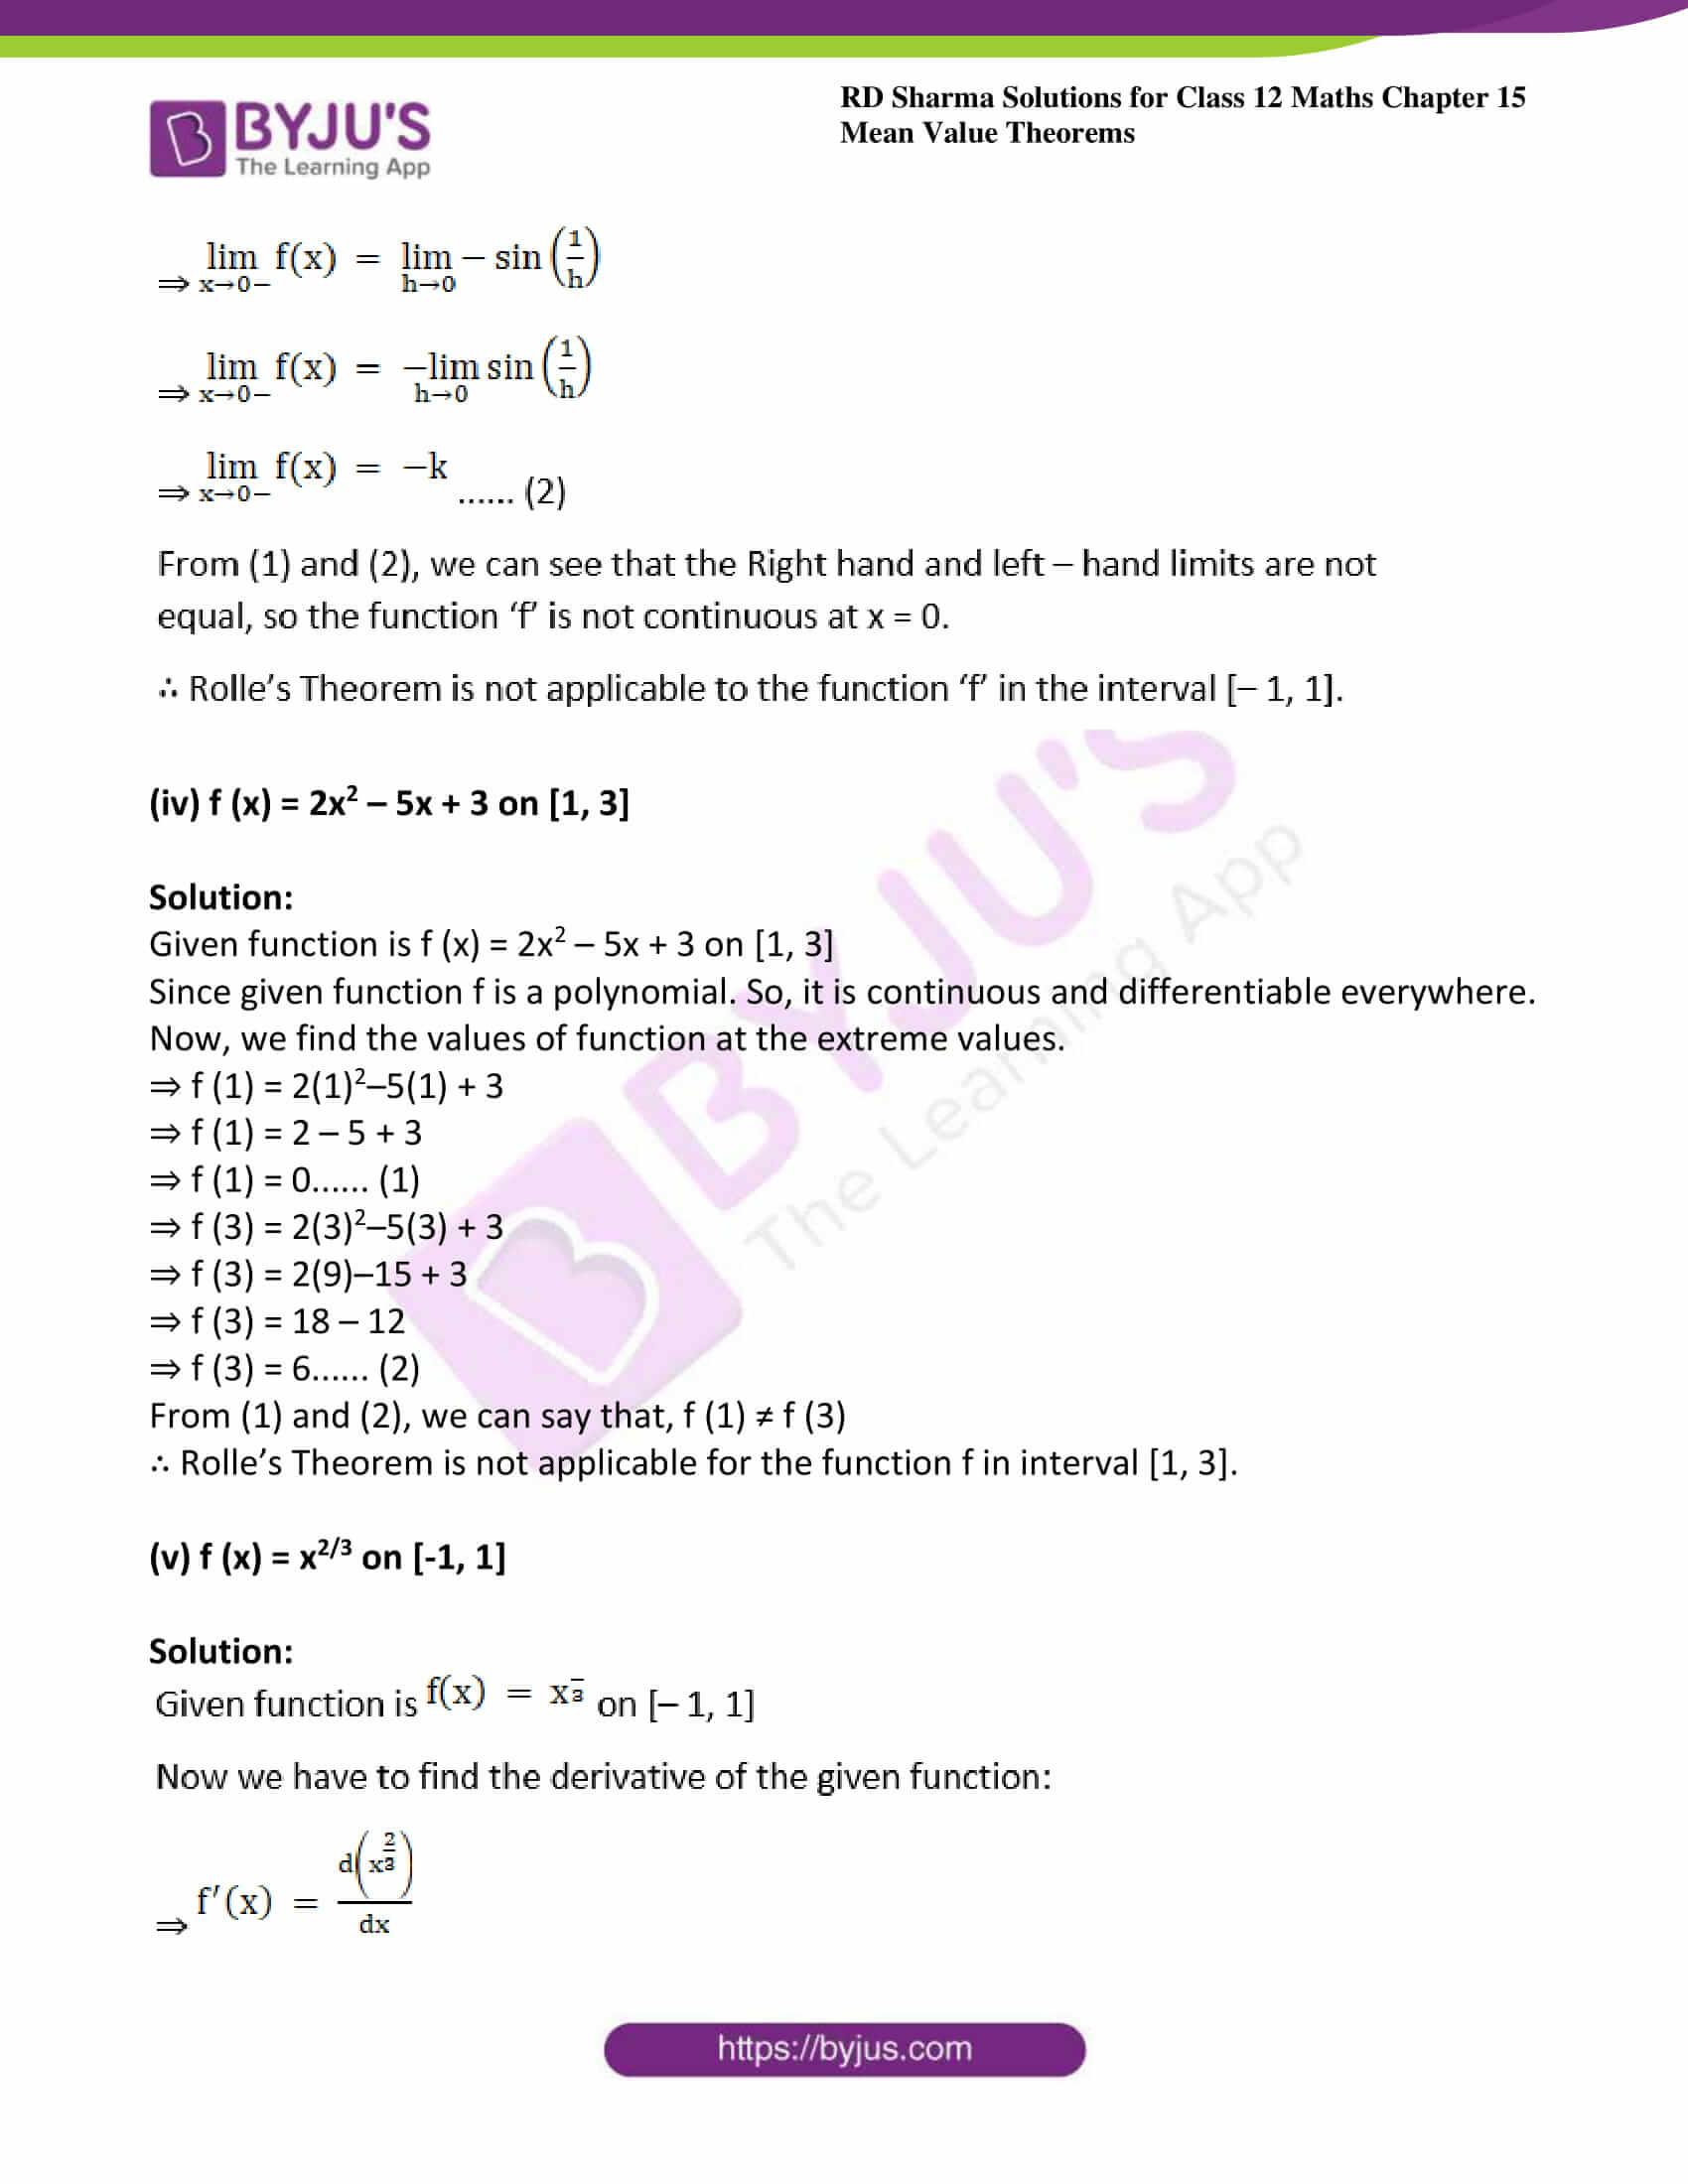 rd sharma class 12 maths solutions chapter 15 ex 1 04